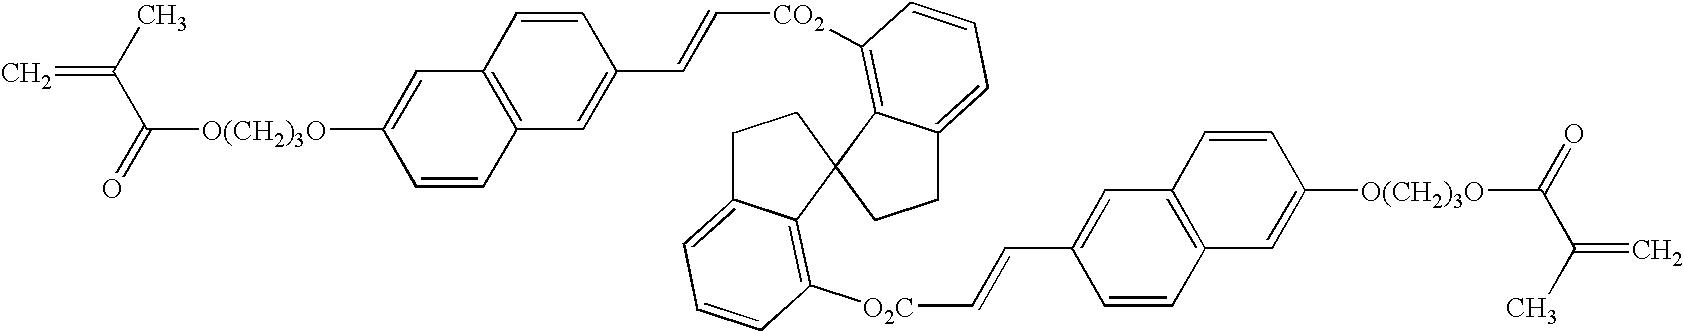 Figure US07470376-20081230-C00044